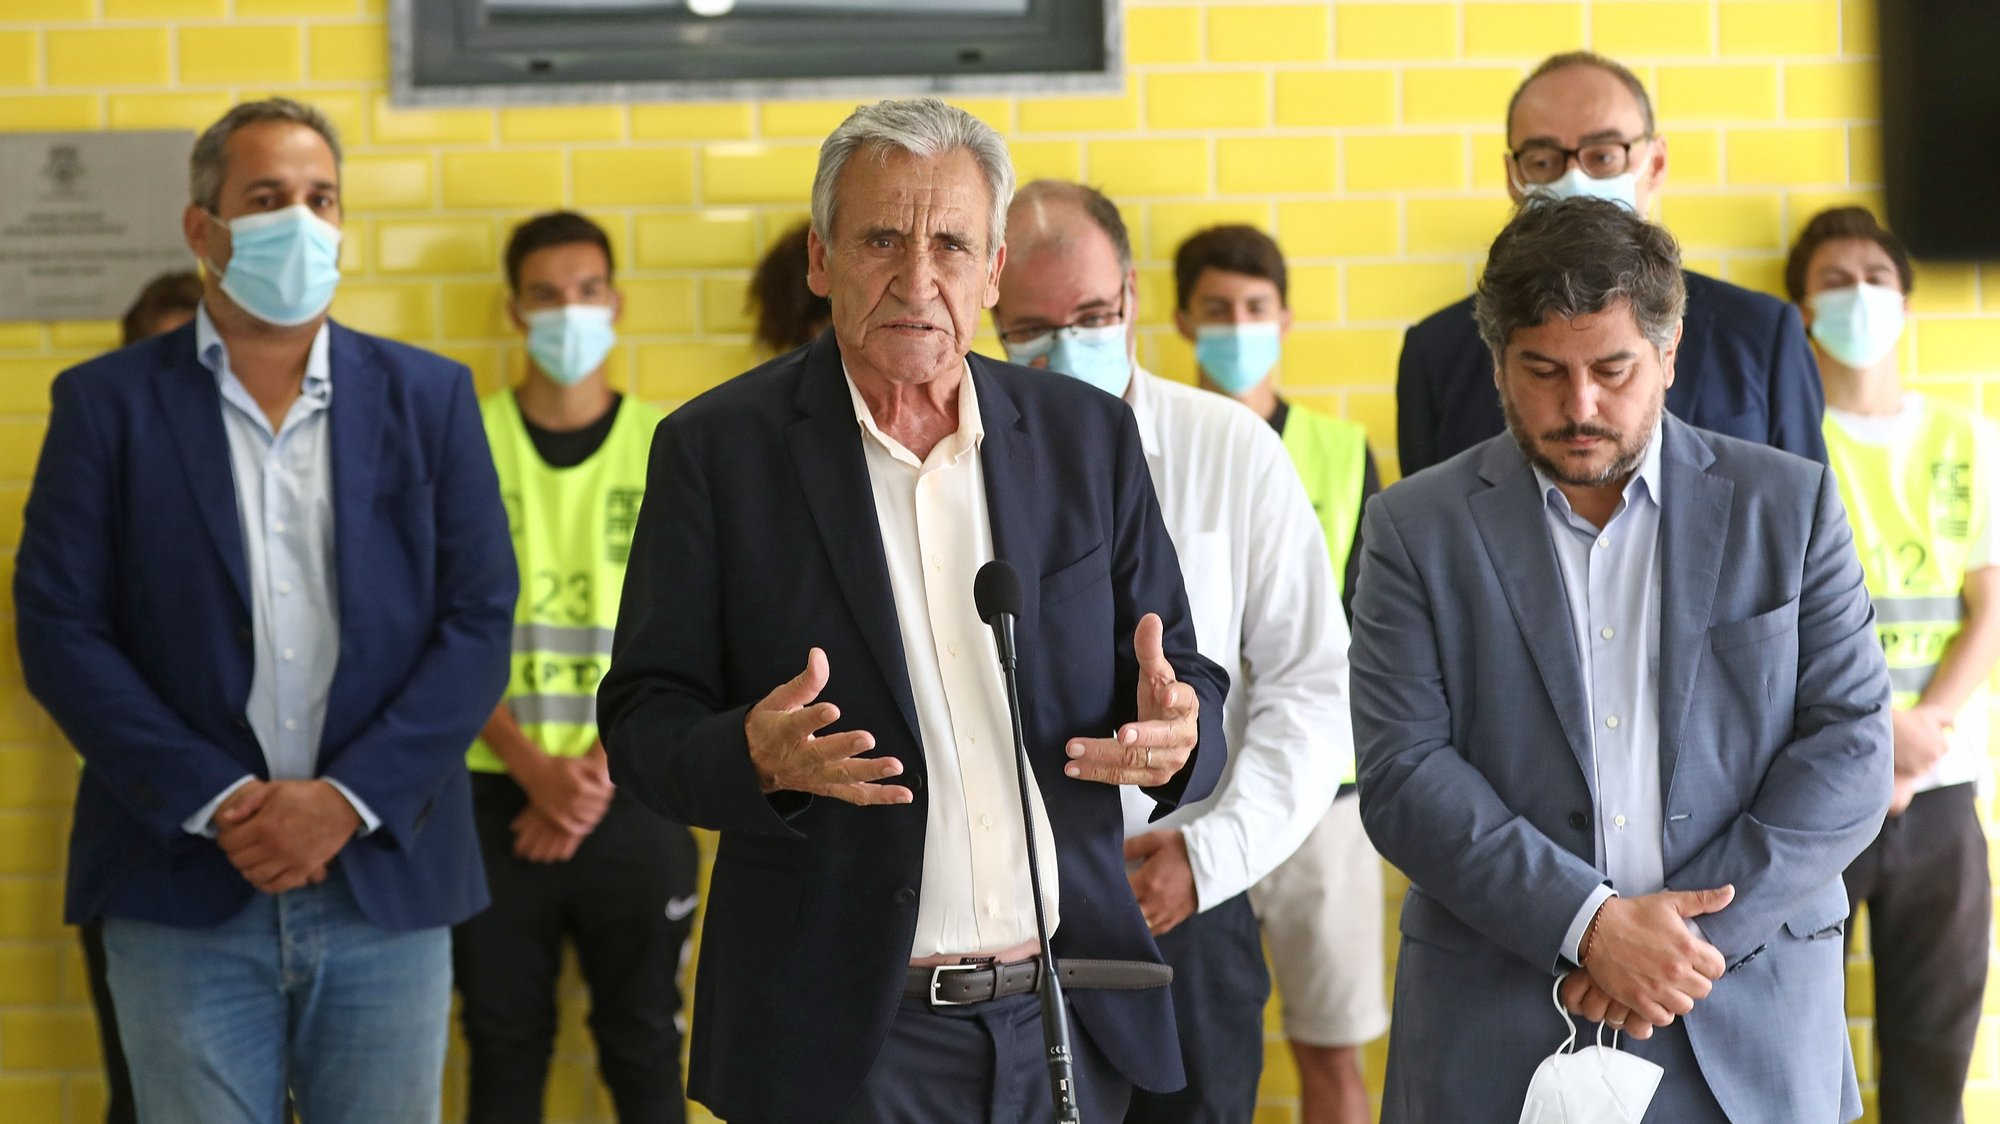 O secretário-geral do Partido Comunista Português (PCP), Jerónimo de Sousa (C), acompanhado pelo presidente da Câmara Municipal de Loures, Bernardino Soares (D), intervém durante uma visita à Escola Básica da Portela, em Loures, 07 de setembro de 2021. ANTÓNIO PEDRO SANTOS/LUSA